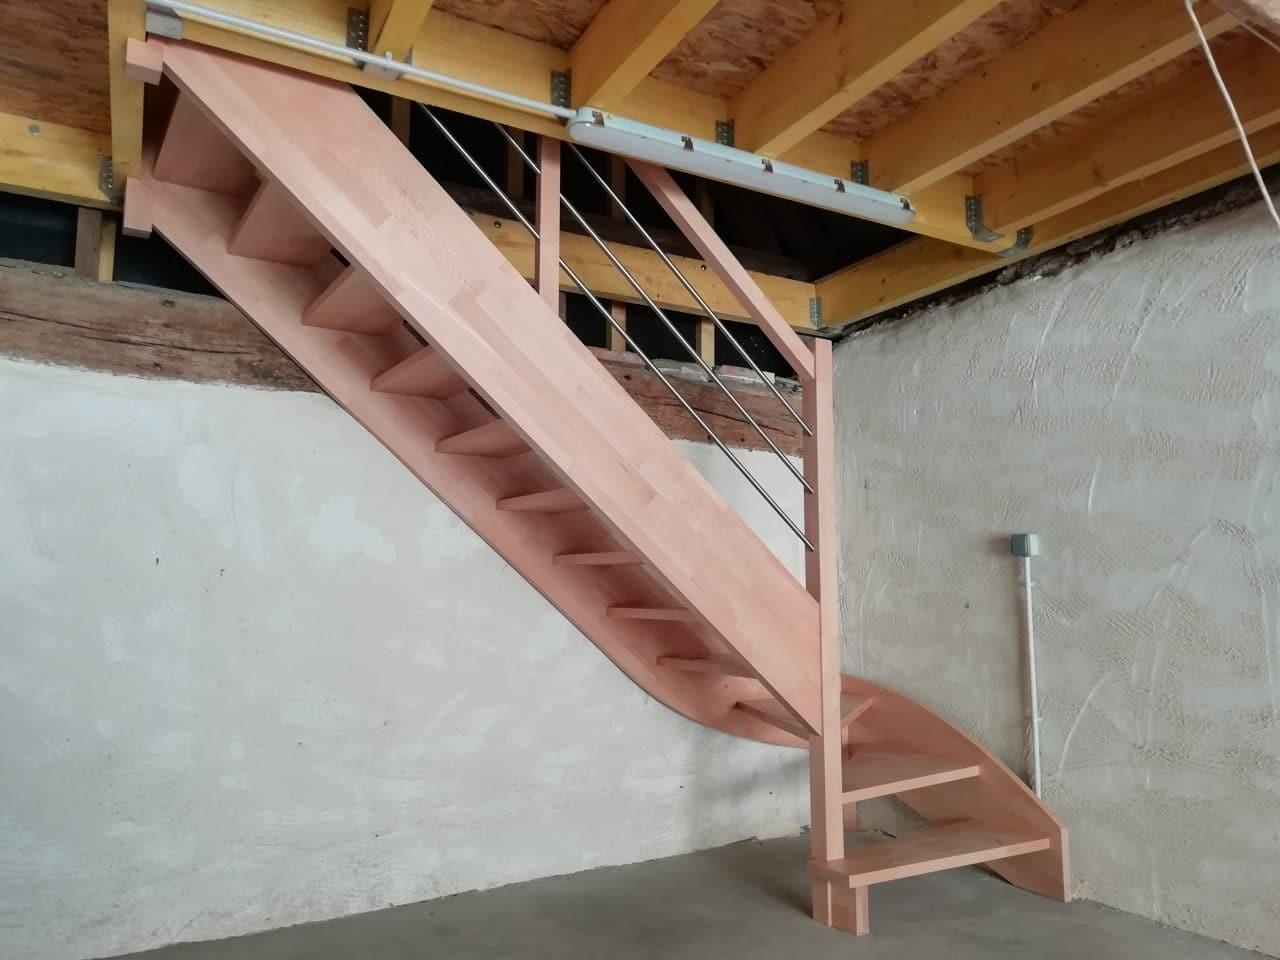 rénovation grange escalier bois plancher intermédiaire Saint-Prest